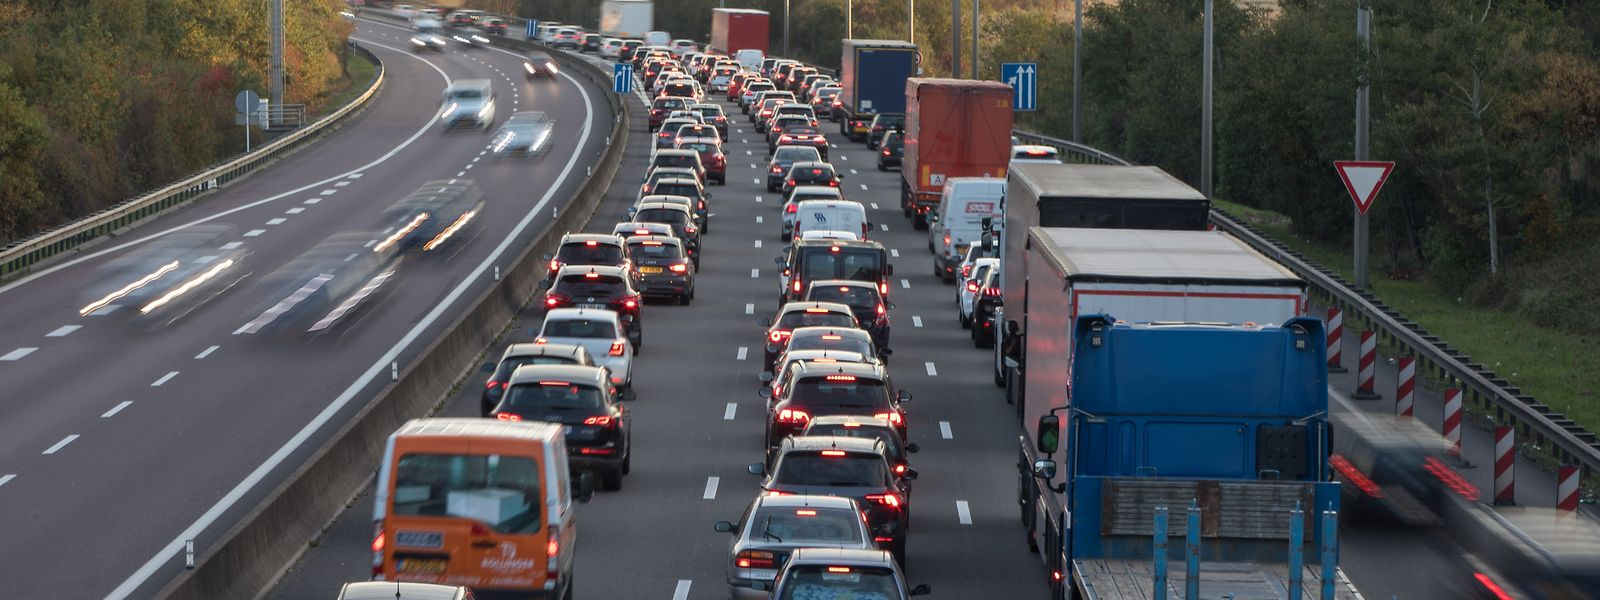 186.649 Grenzgänger finden tagtäglich den Weg nach Luxemburg. Viele von ihnen greifen auf das Auto als Transportmittel zurück, was für täglichen Stau sorgt.